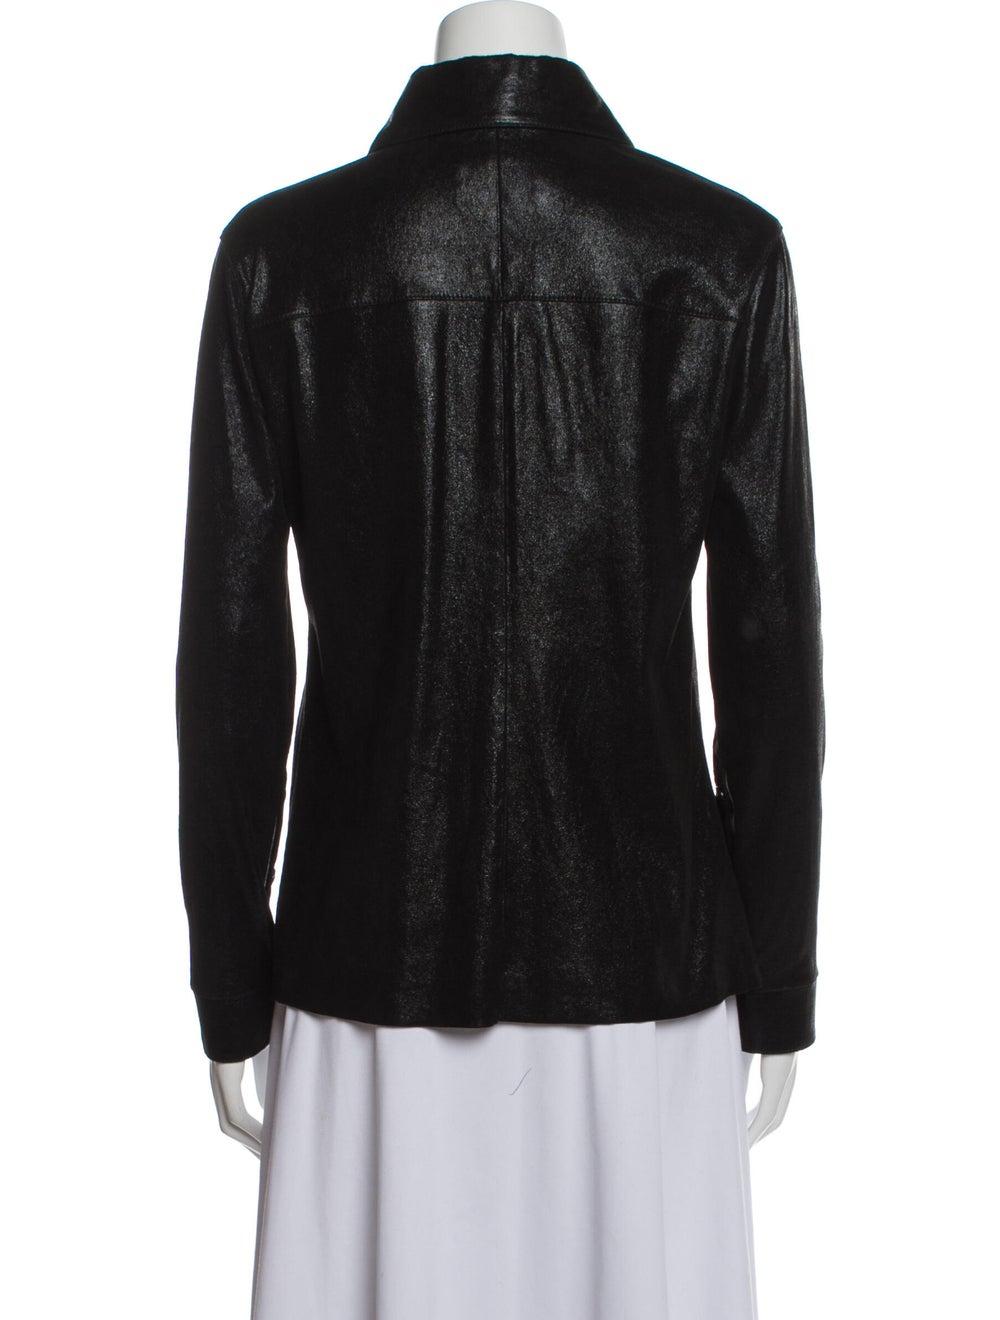 Chanel 2019 Jacket Black - image 3